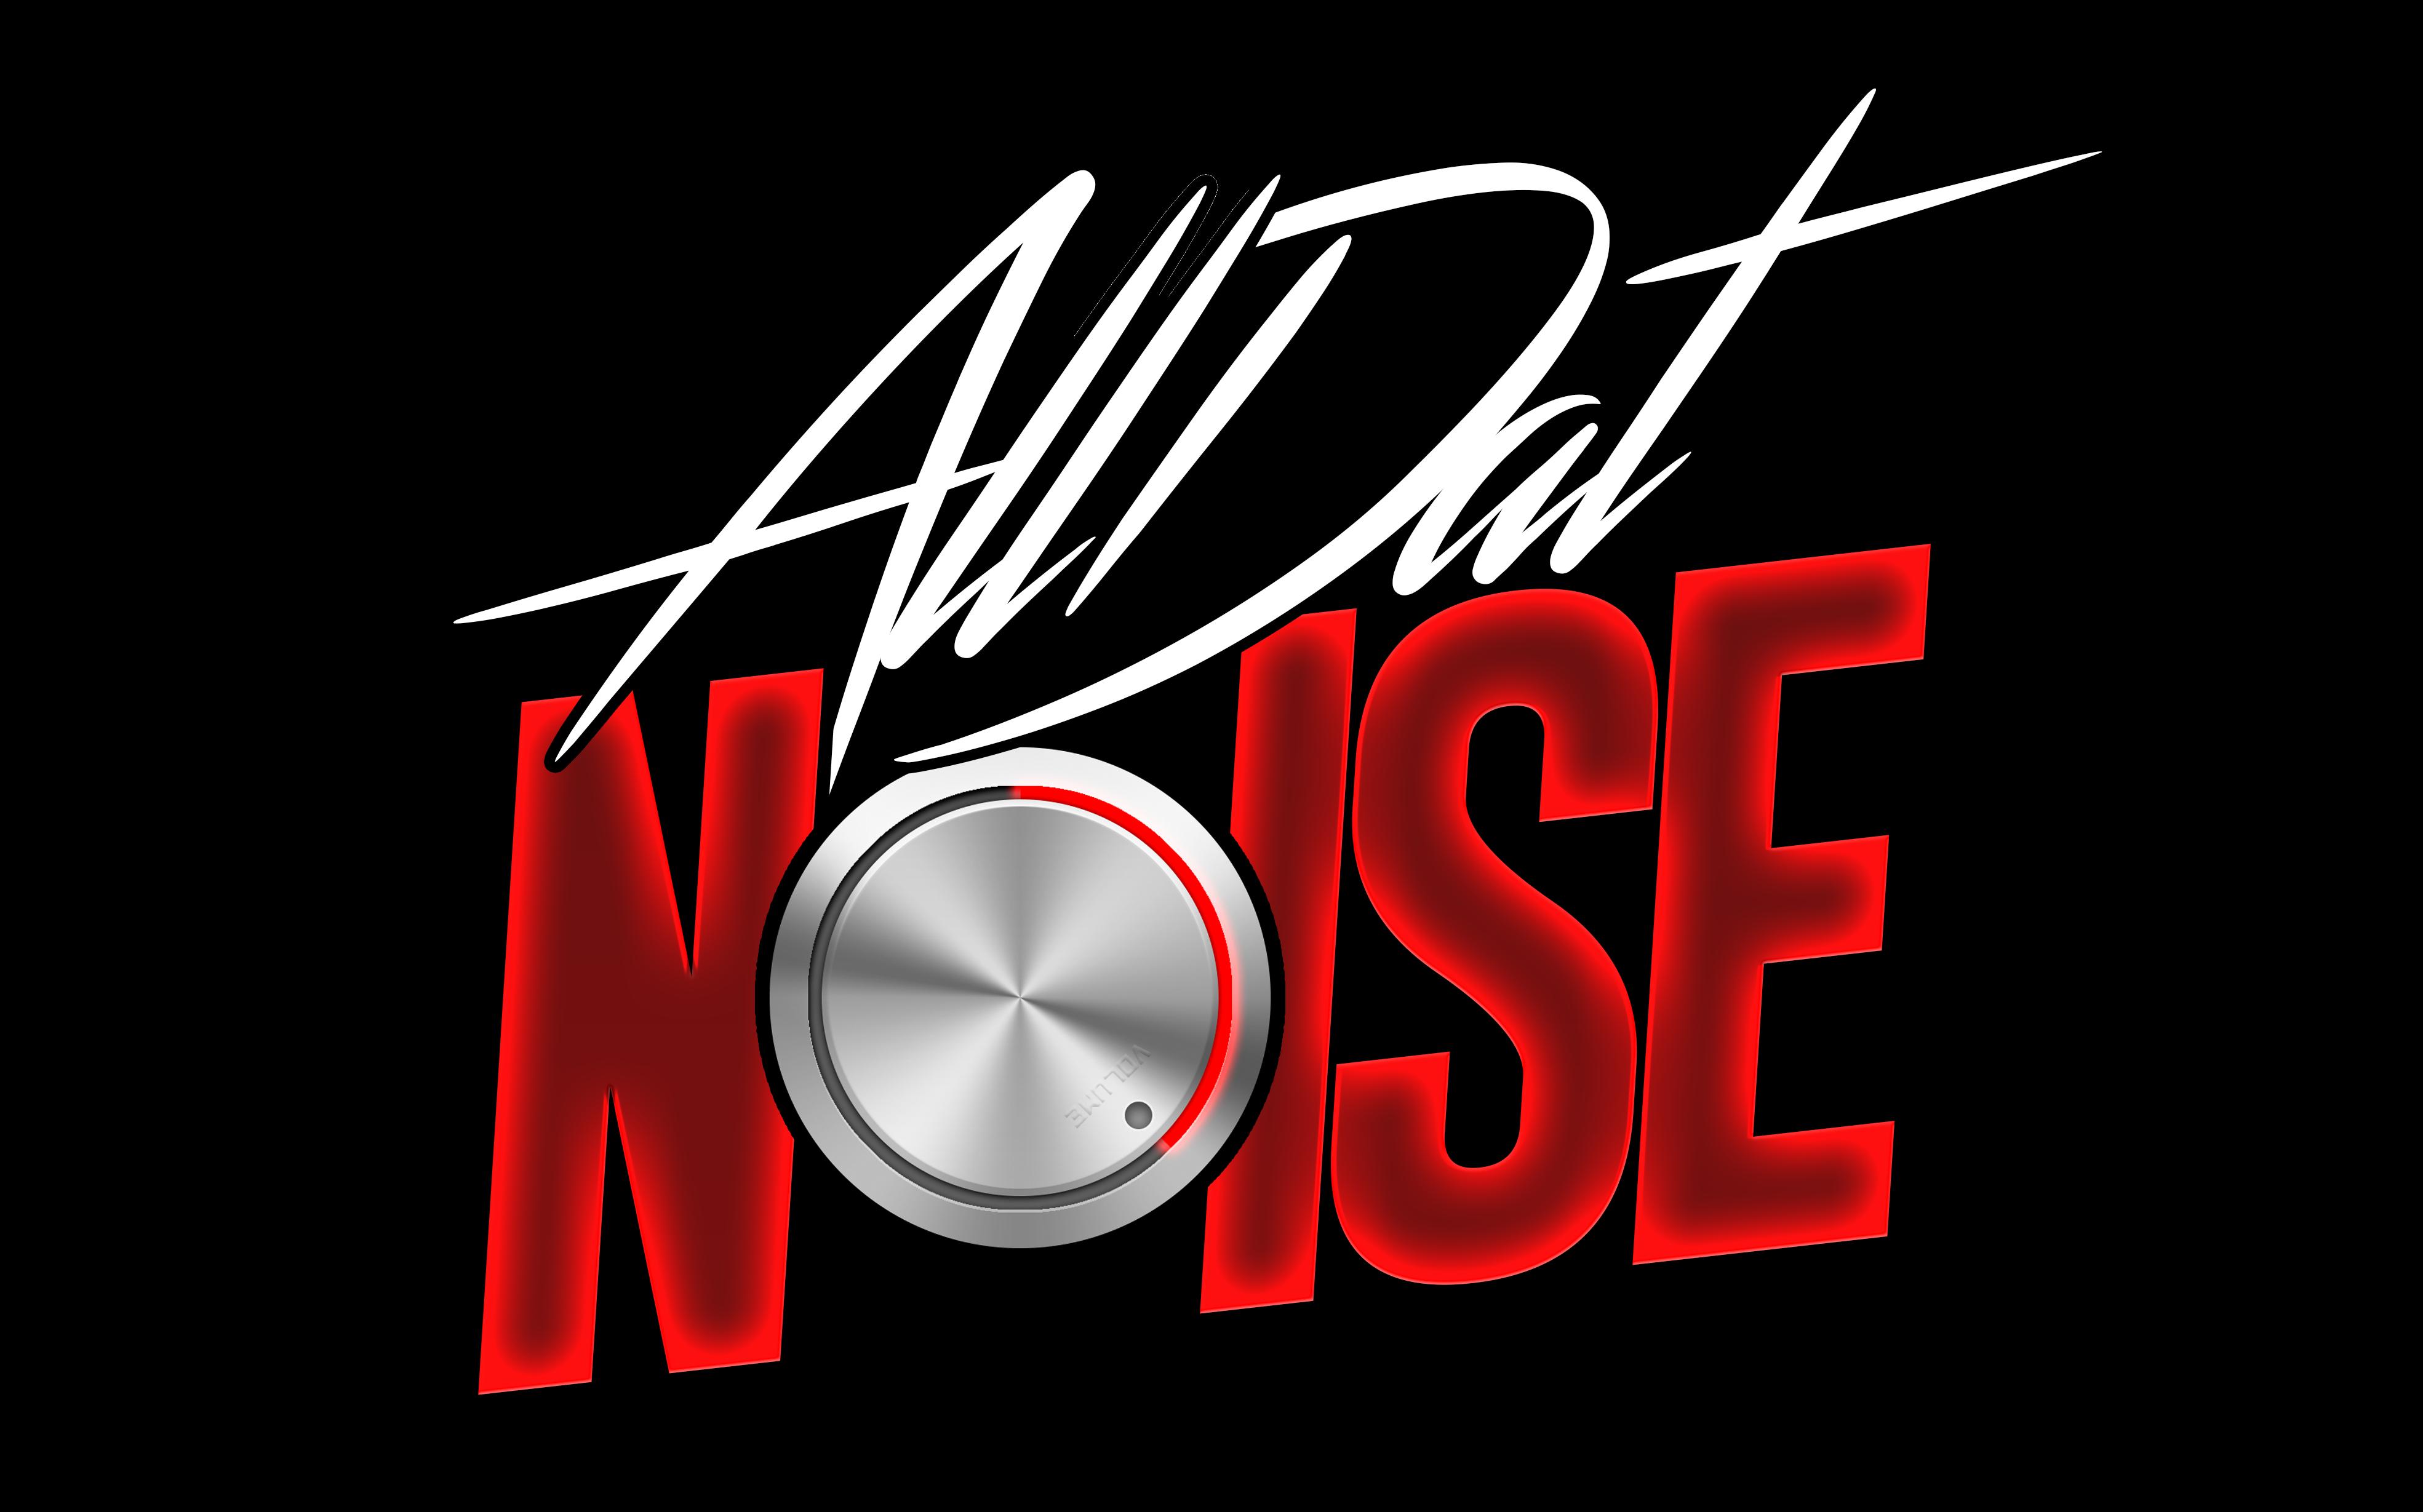 AllDatNoise.com